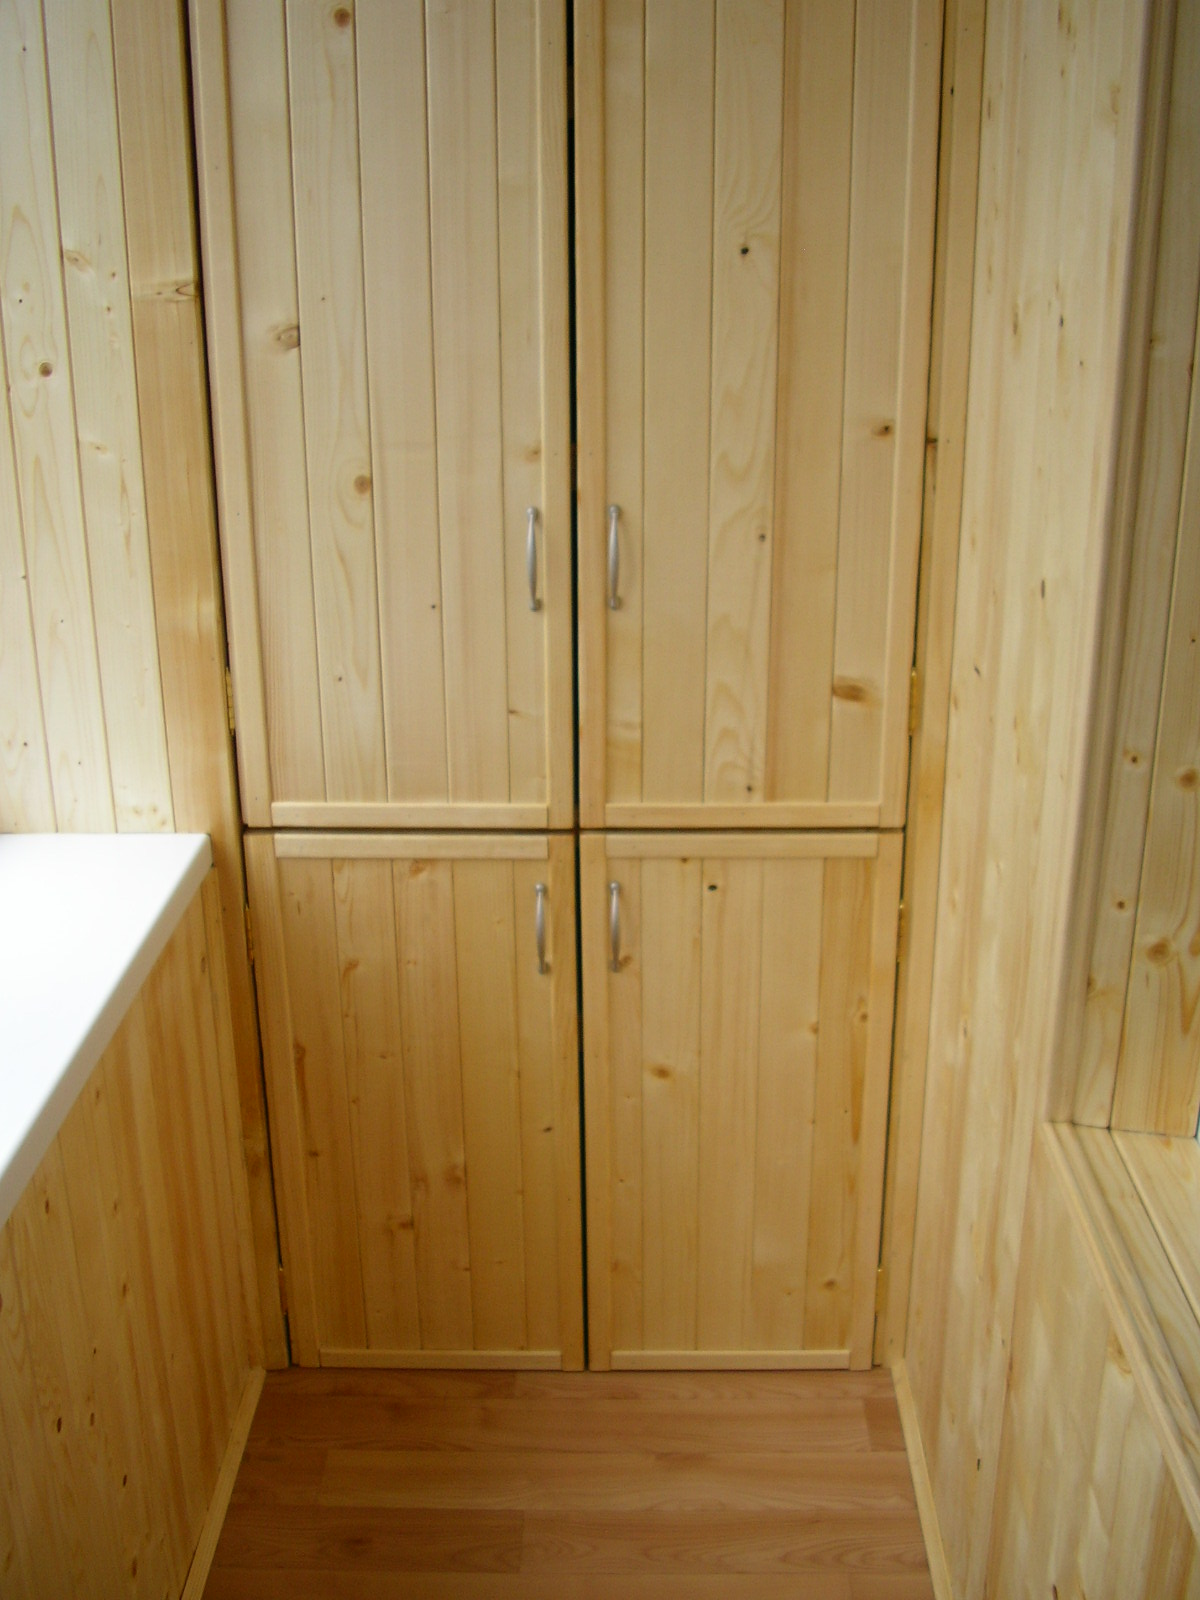 Шкаф на балкон заказ, для лоджии купить regarding балкона 77.